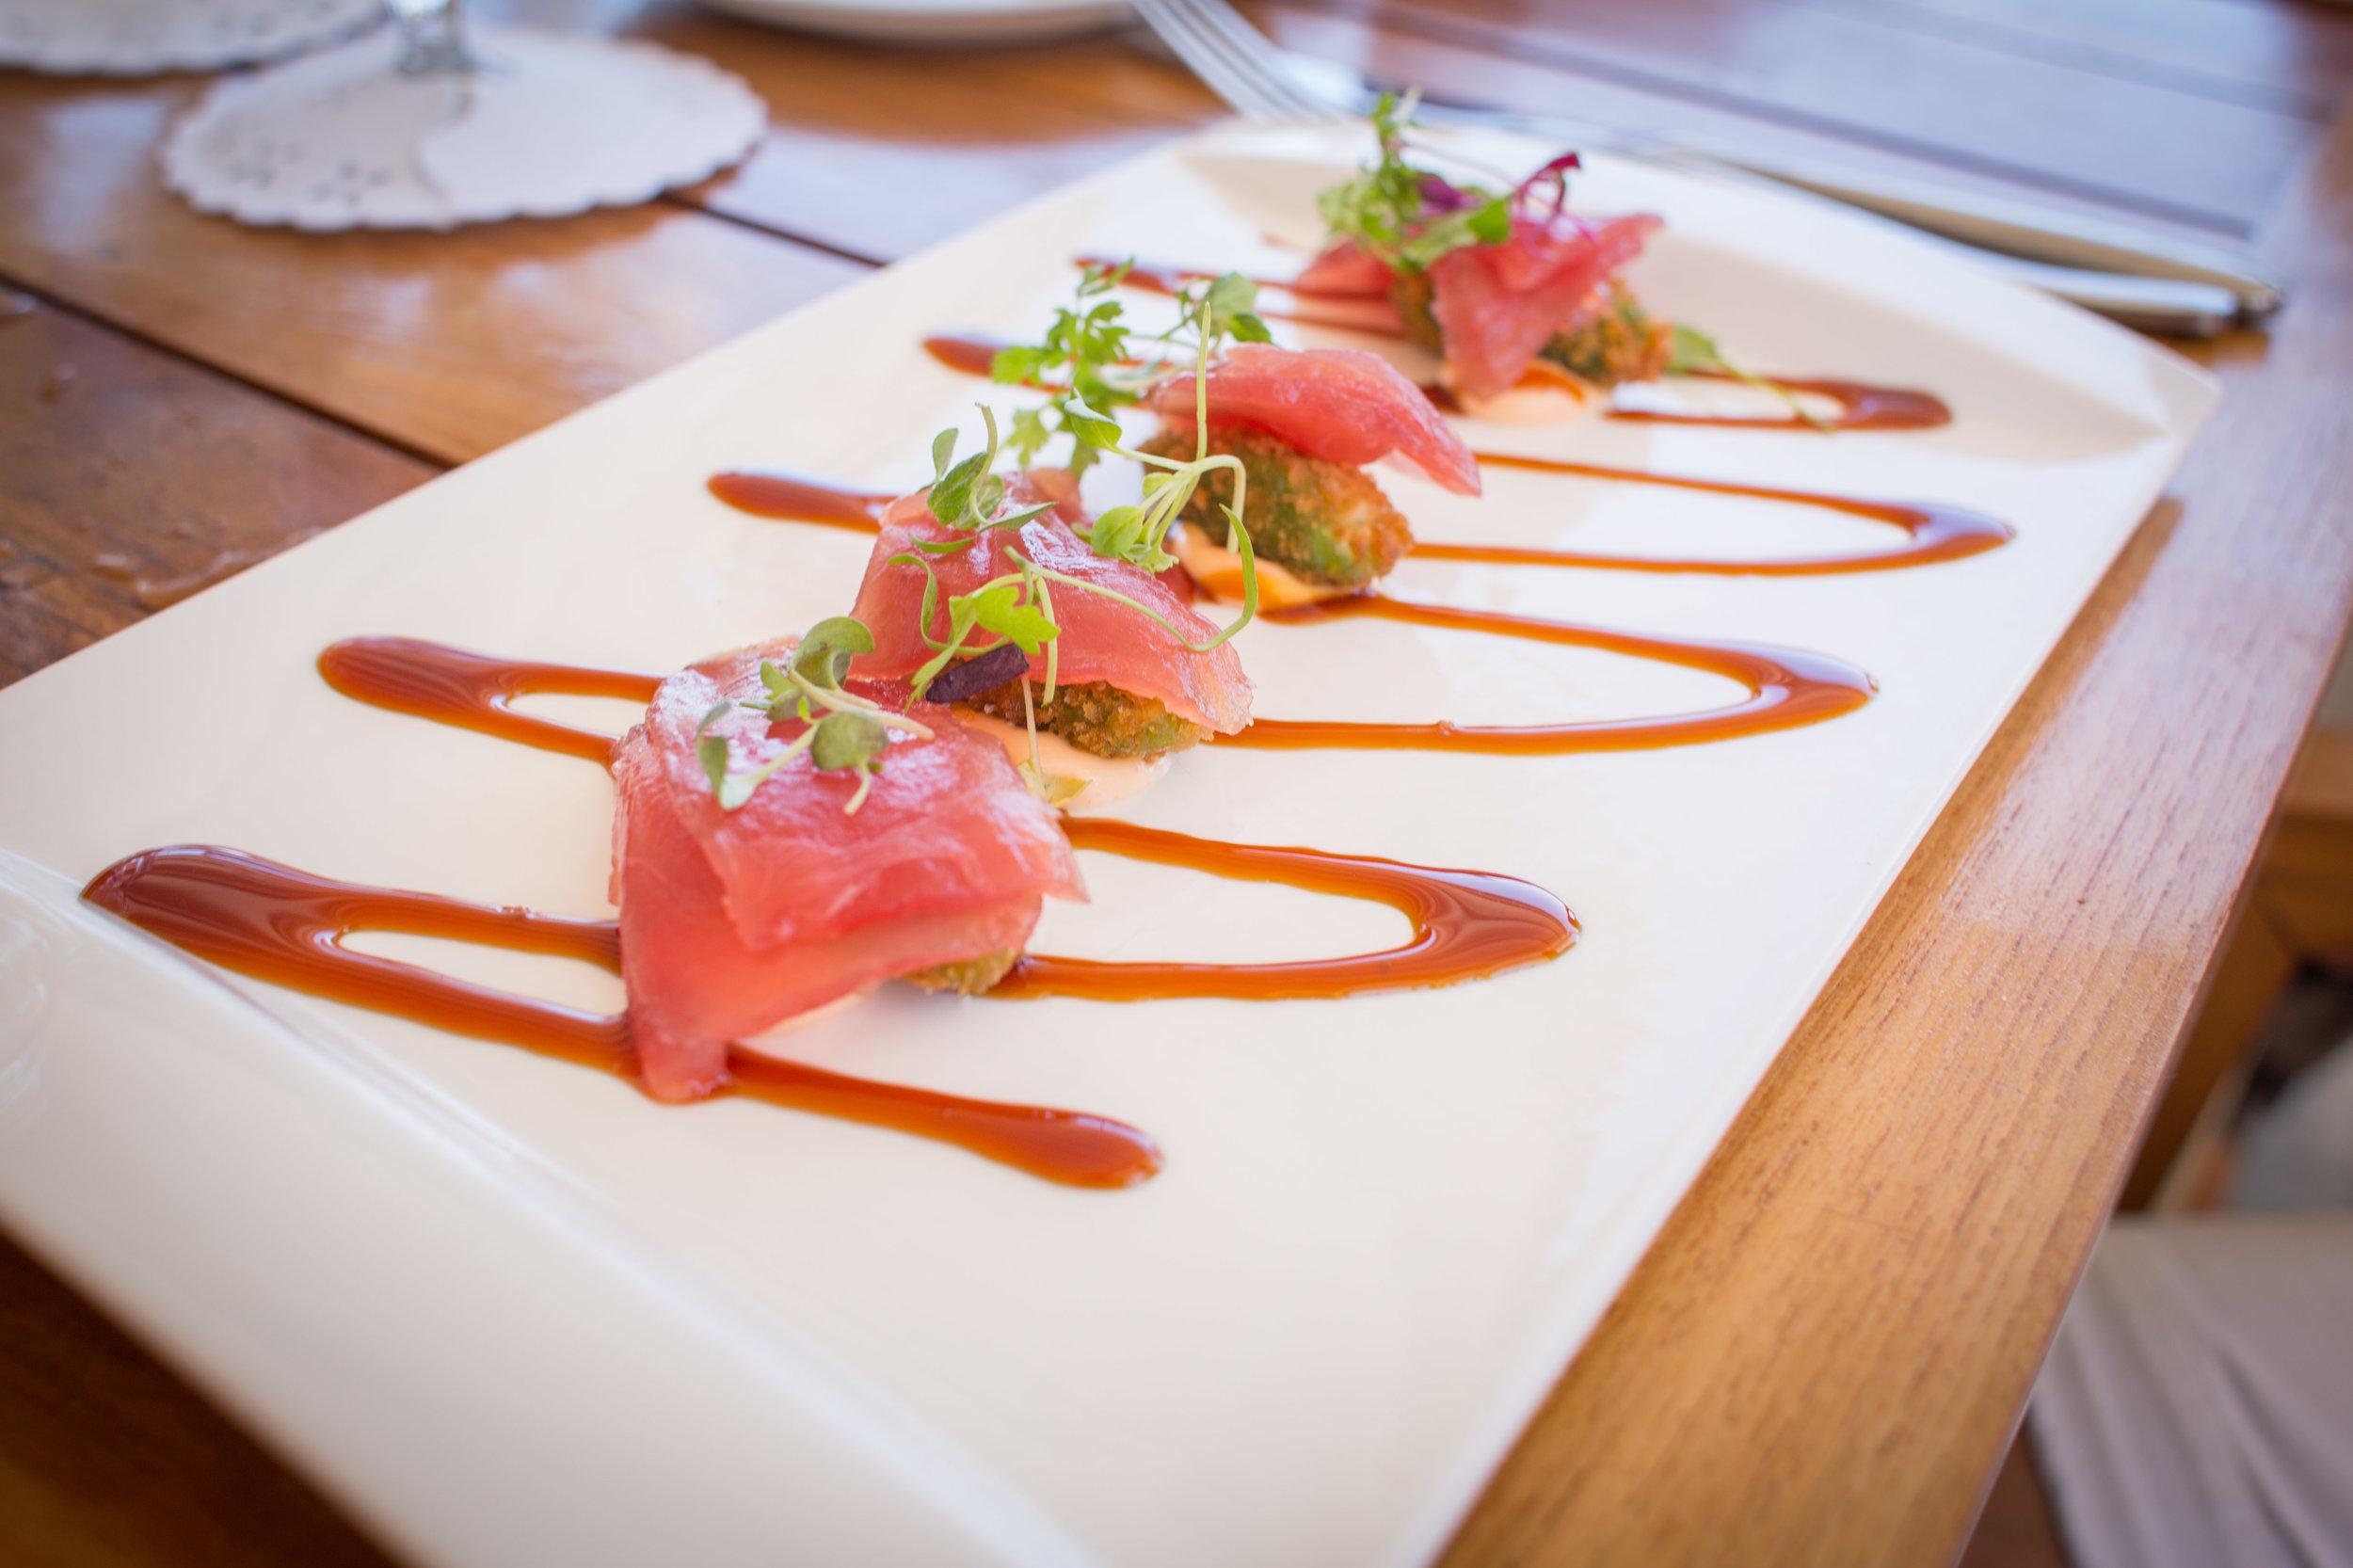 Tuna sashimi at Catch